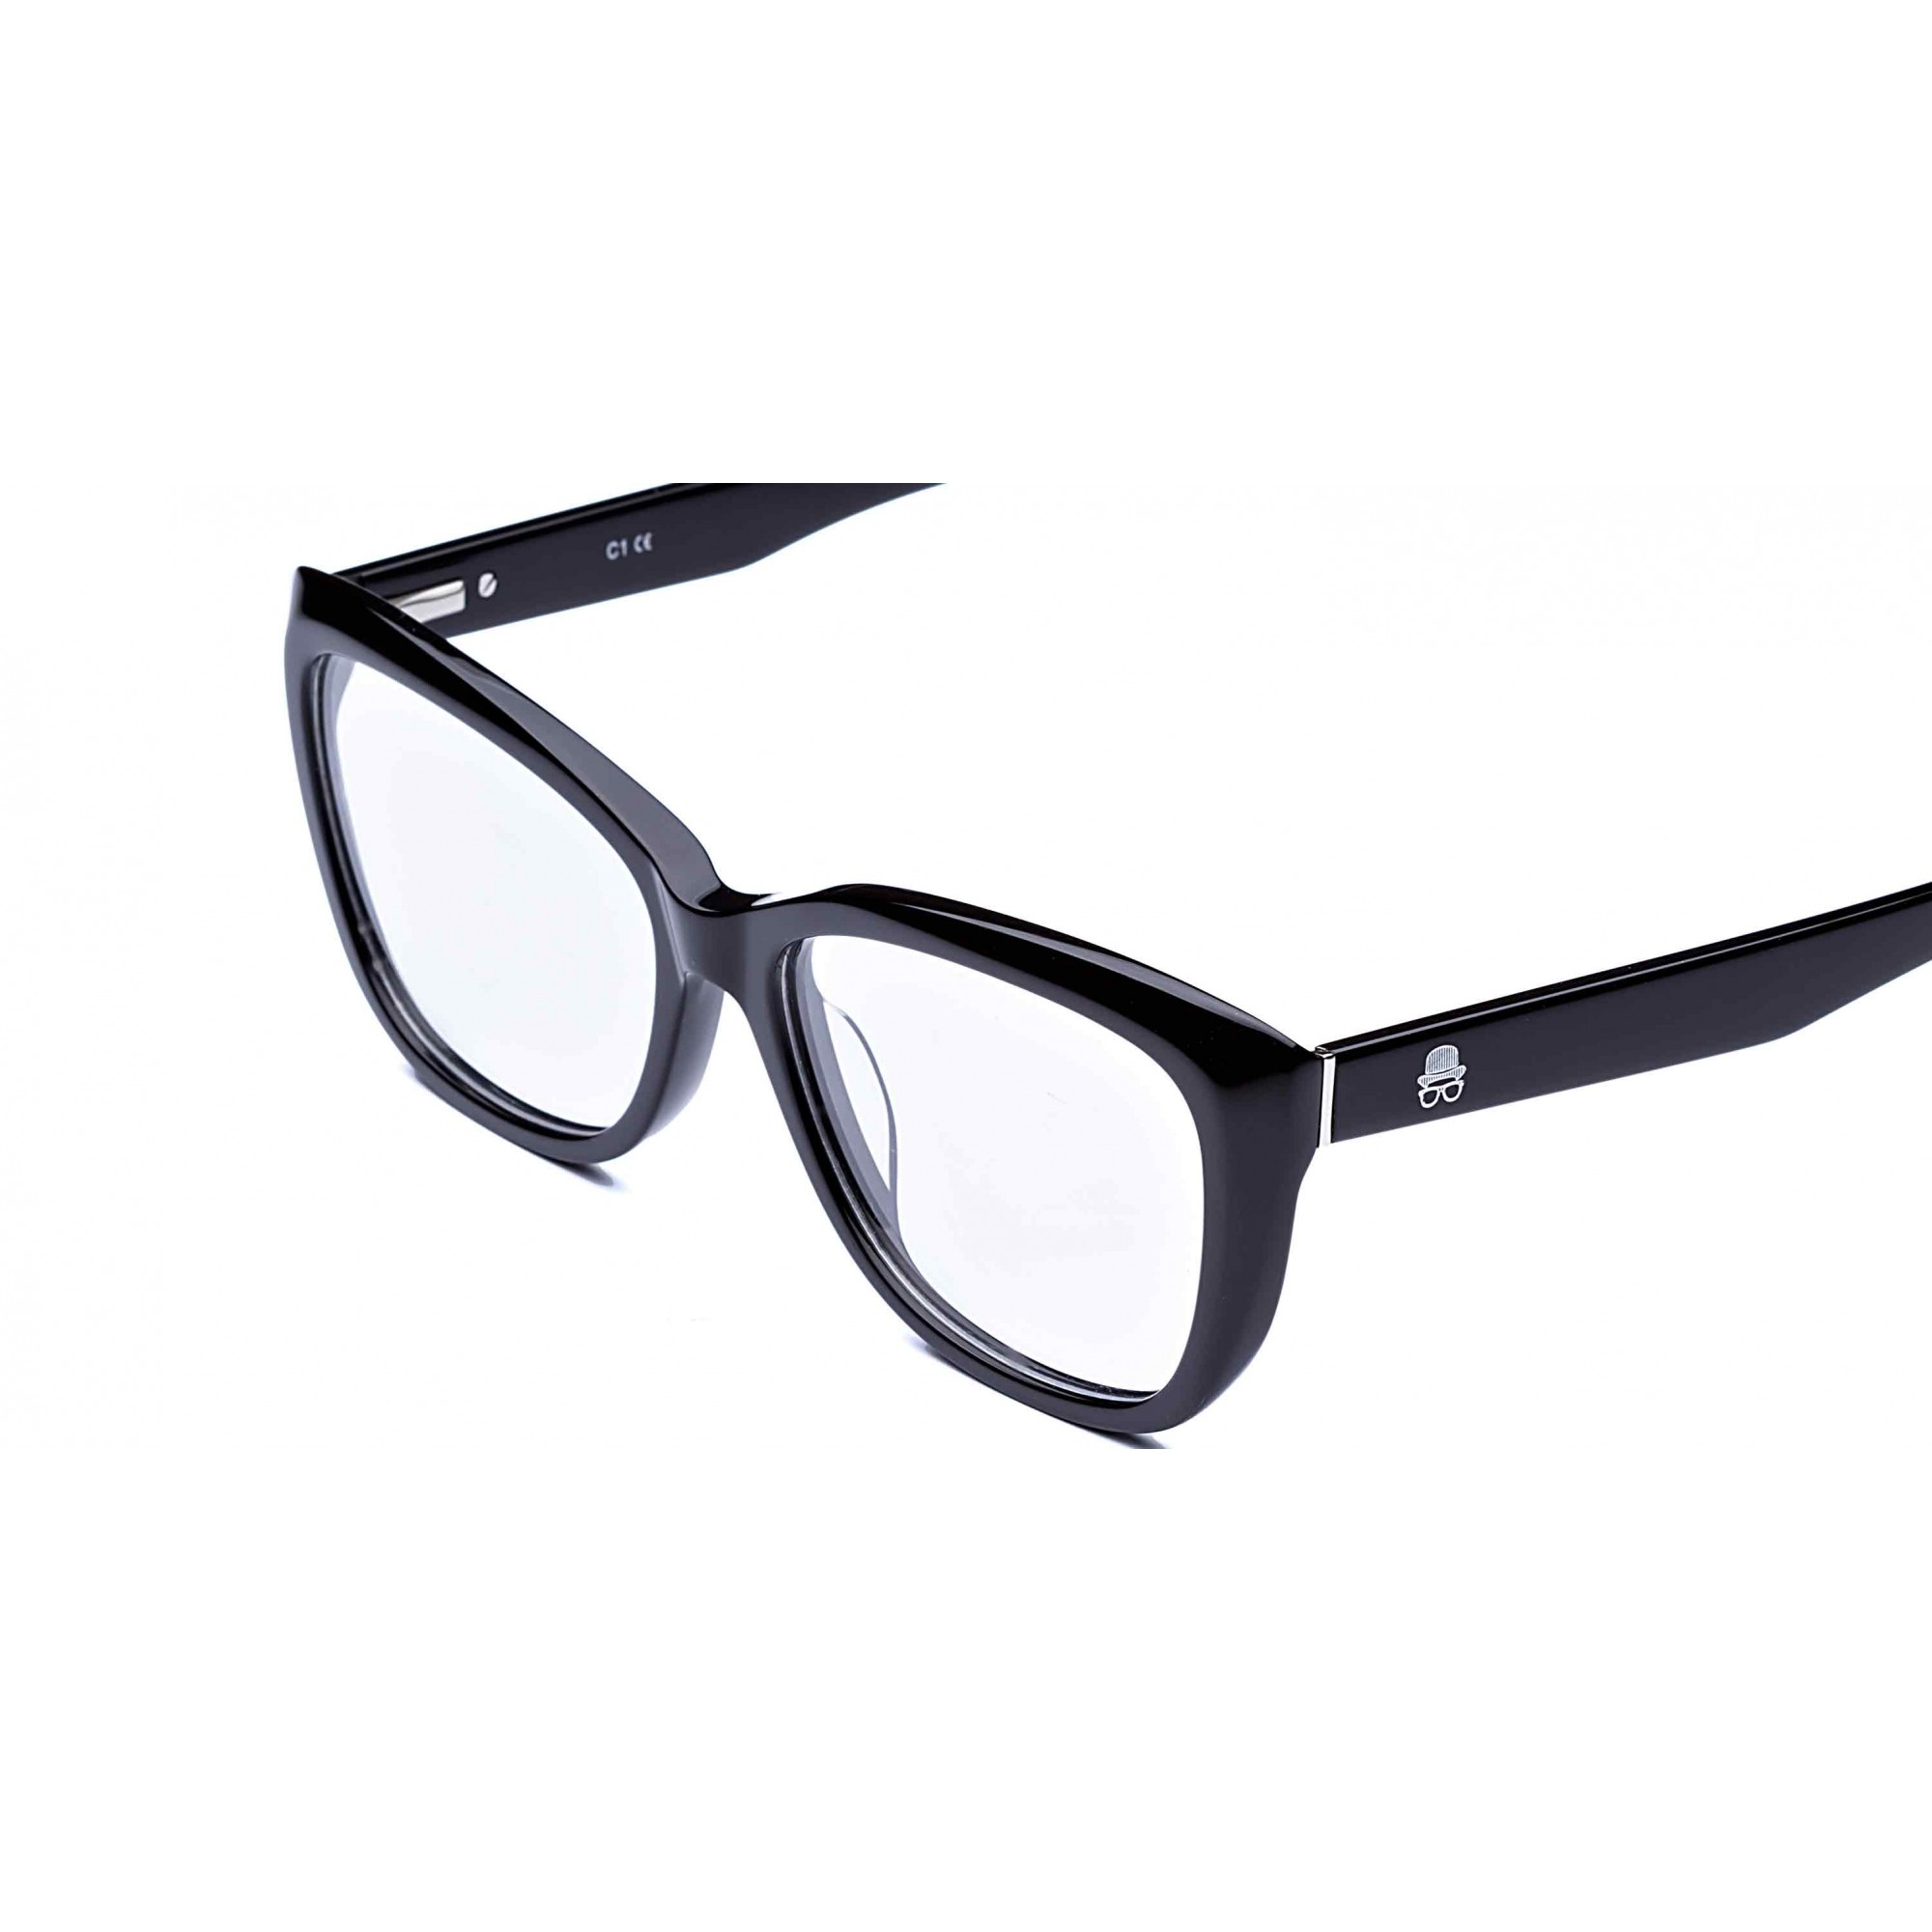 Óculos de Grau Penelope Rafael Lopes Eyewear